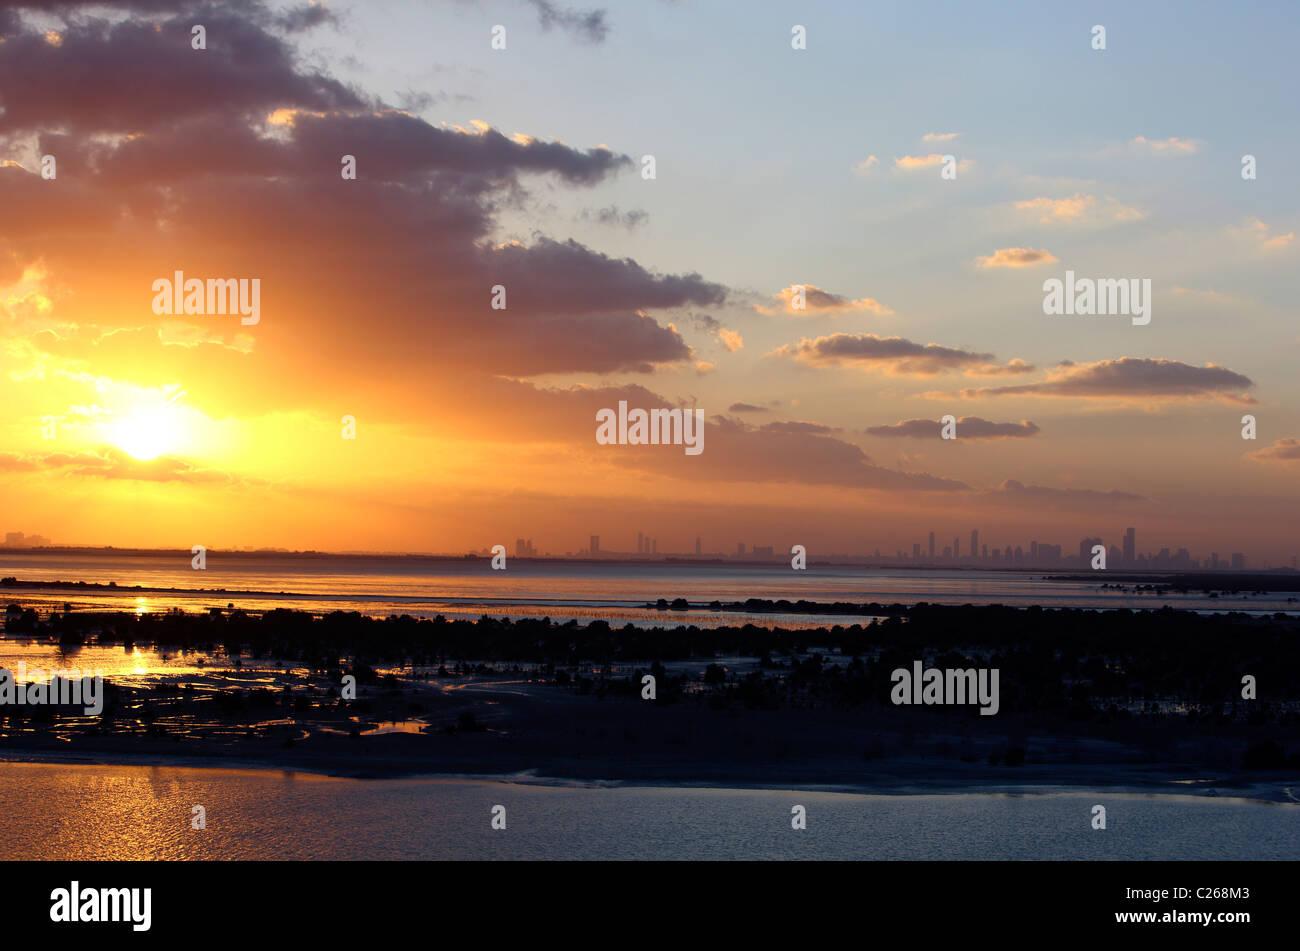 Skyline of Abu Dhabi, capital of United Arab Emirates. Stock Photo